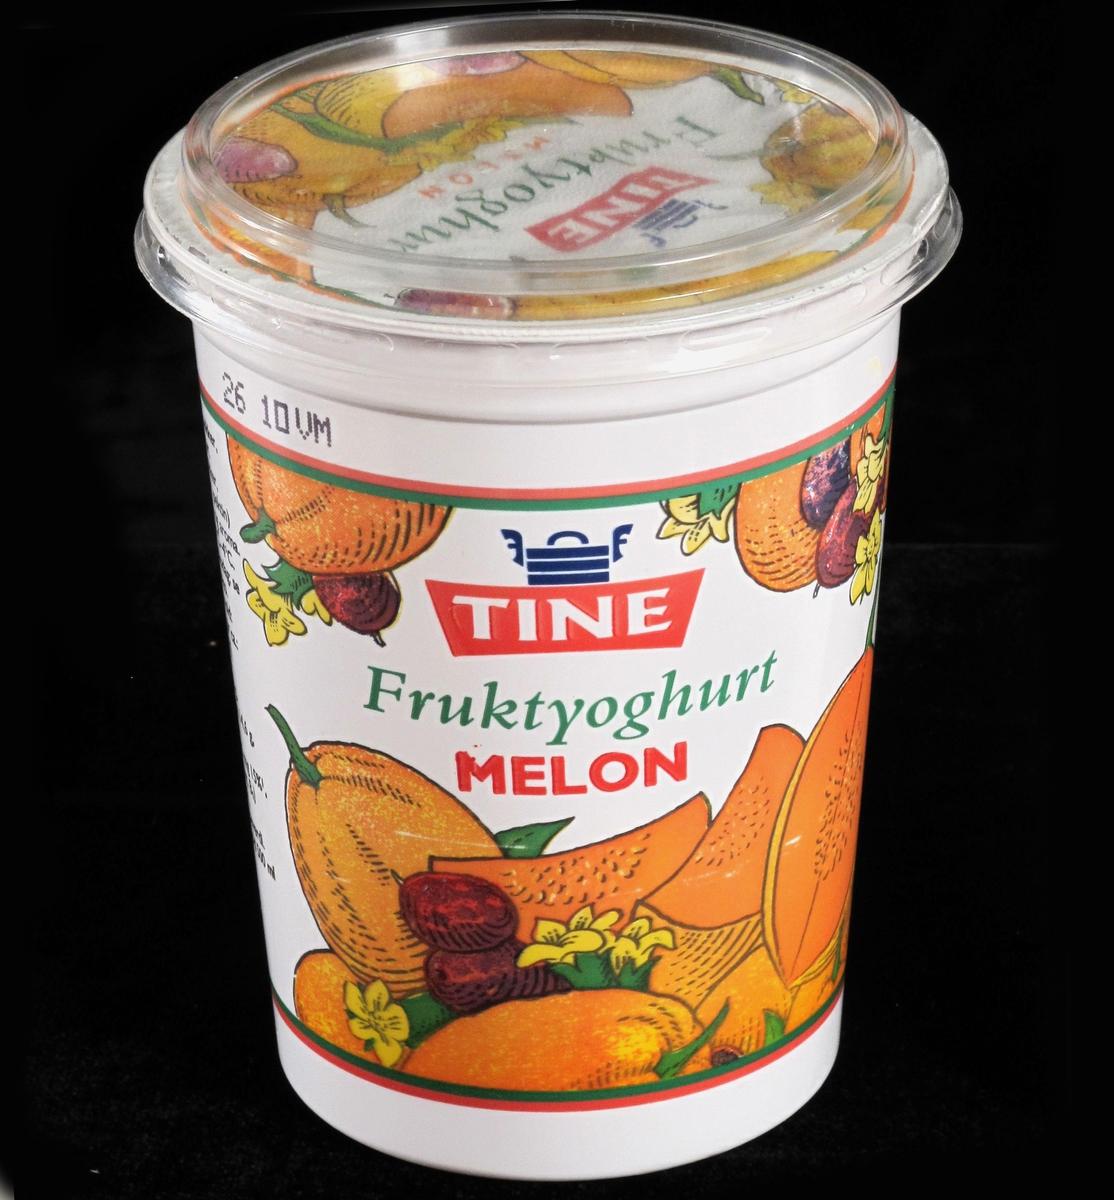 Frukt, melon